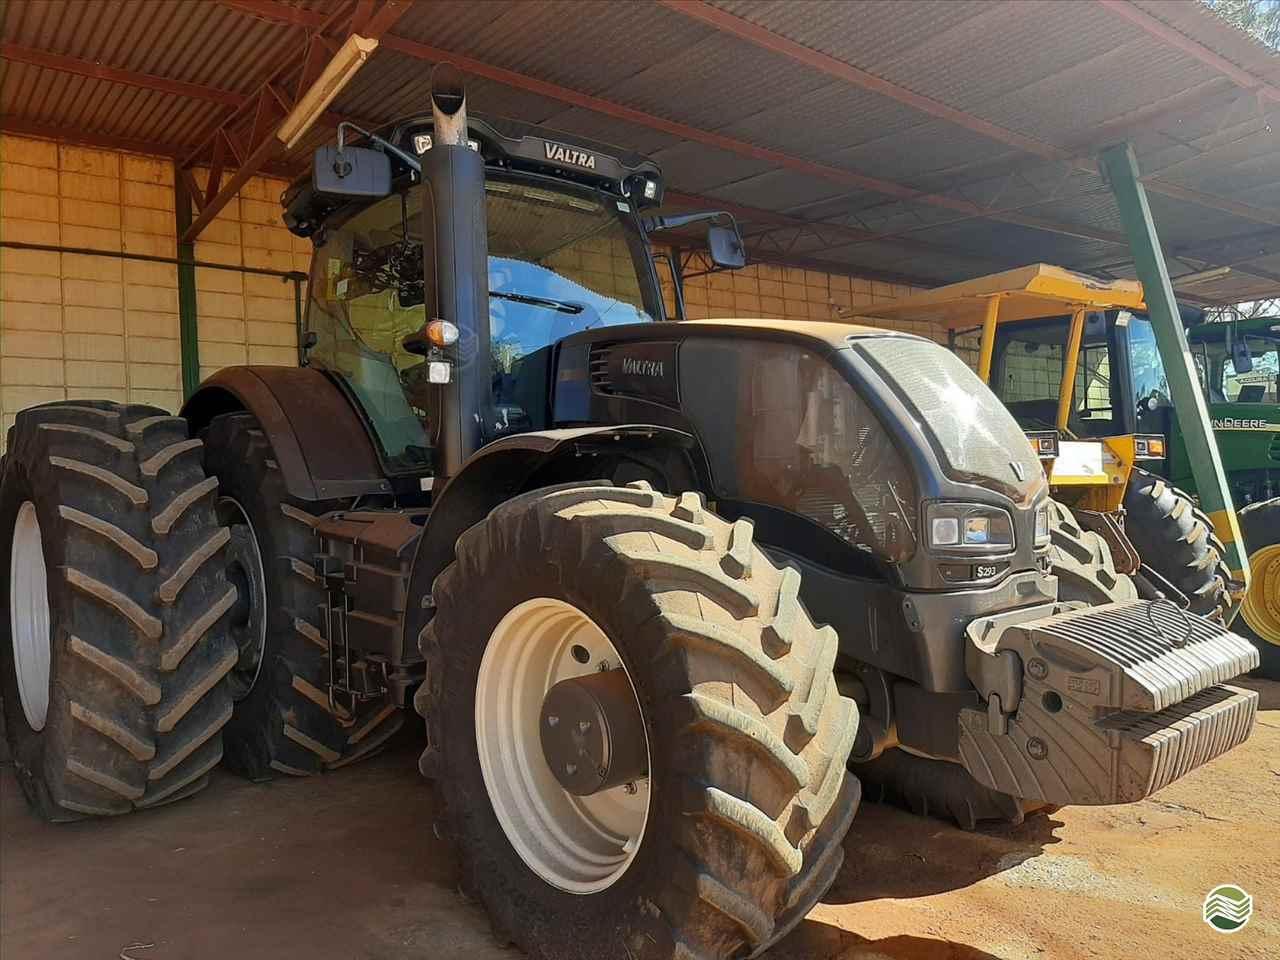 TRATOR VALTRA VALTRA S 293 Tração 4x4 Gerominho Implementos Agrícolas UBERLANDIA MINAS GERAIS MG